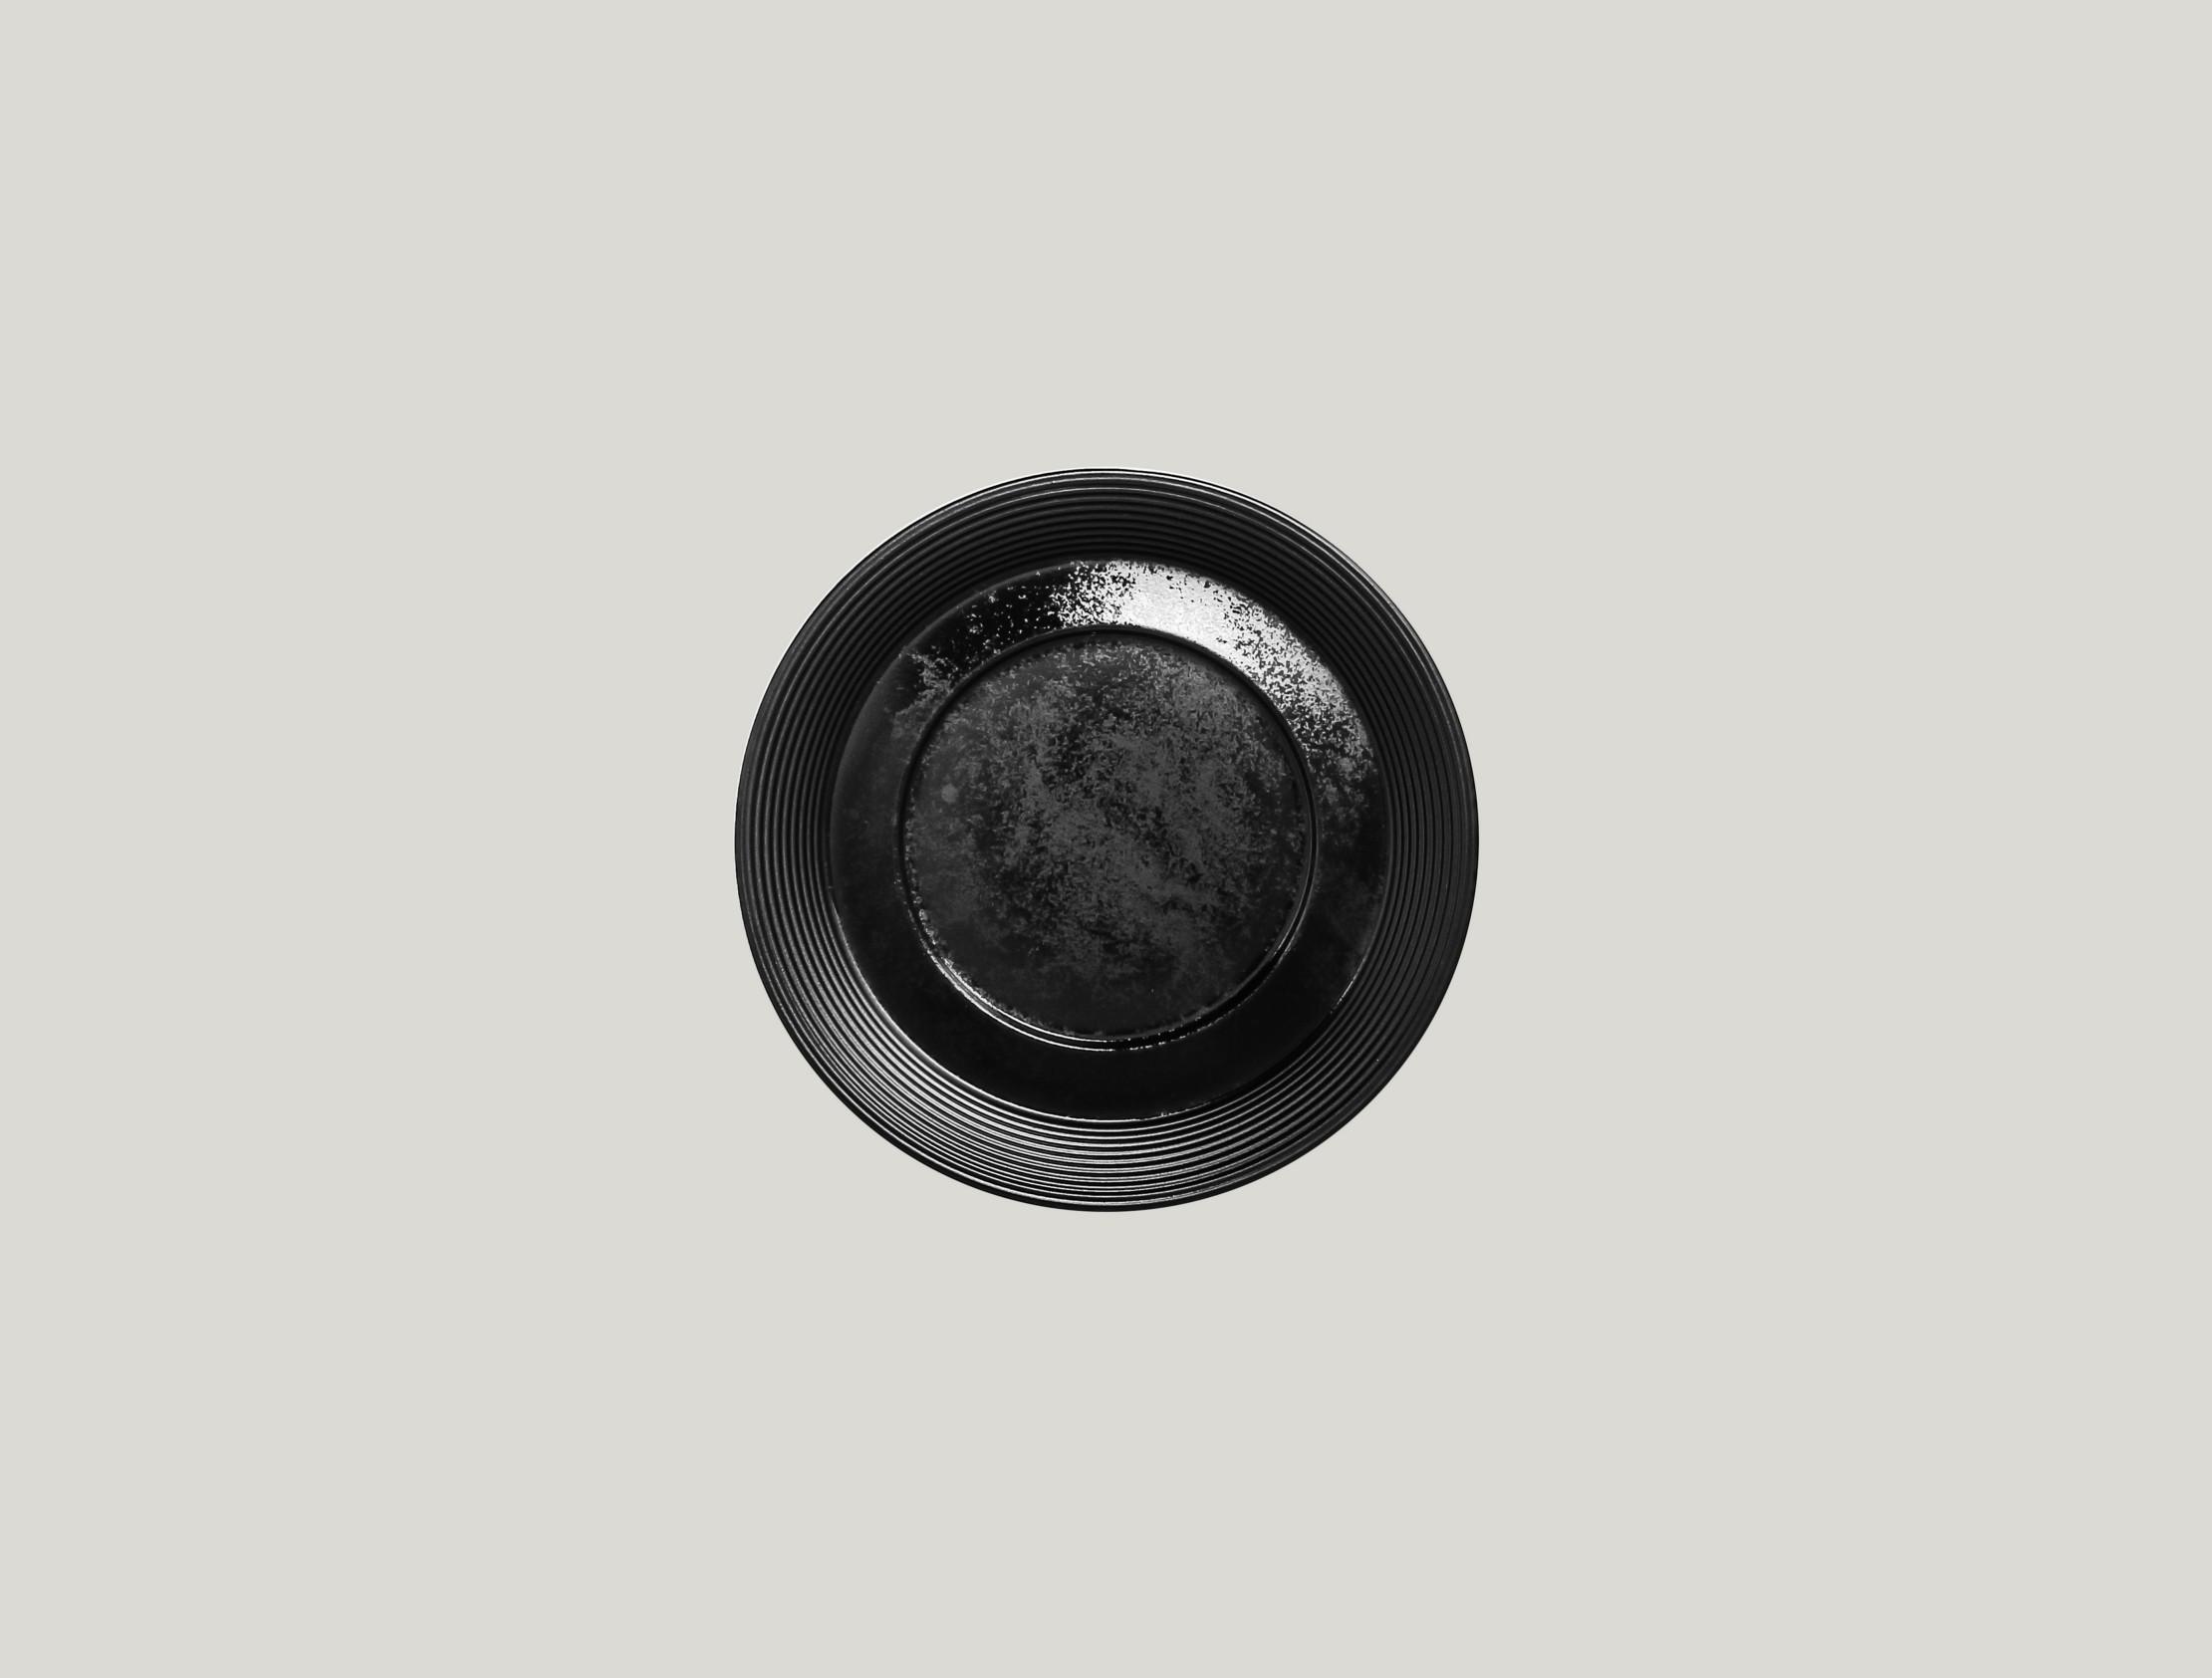 Edge podšálek pro misku EVCS35 19 cm - černá